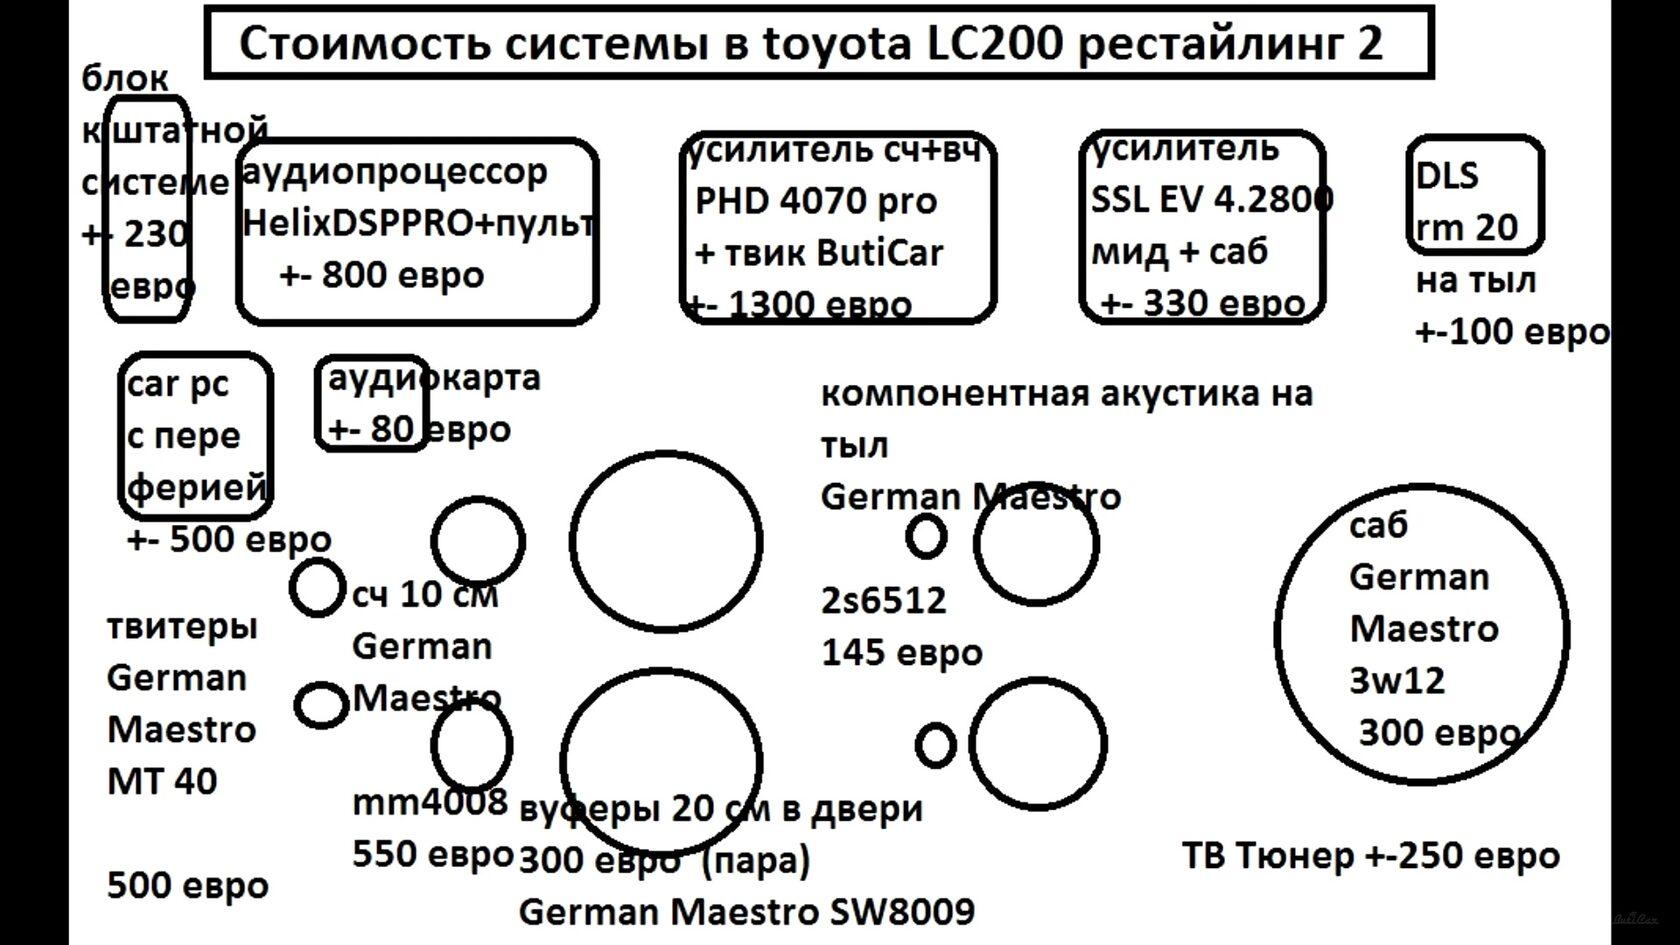 автозвуковая схема в тойота ленд круйзер 200